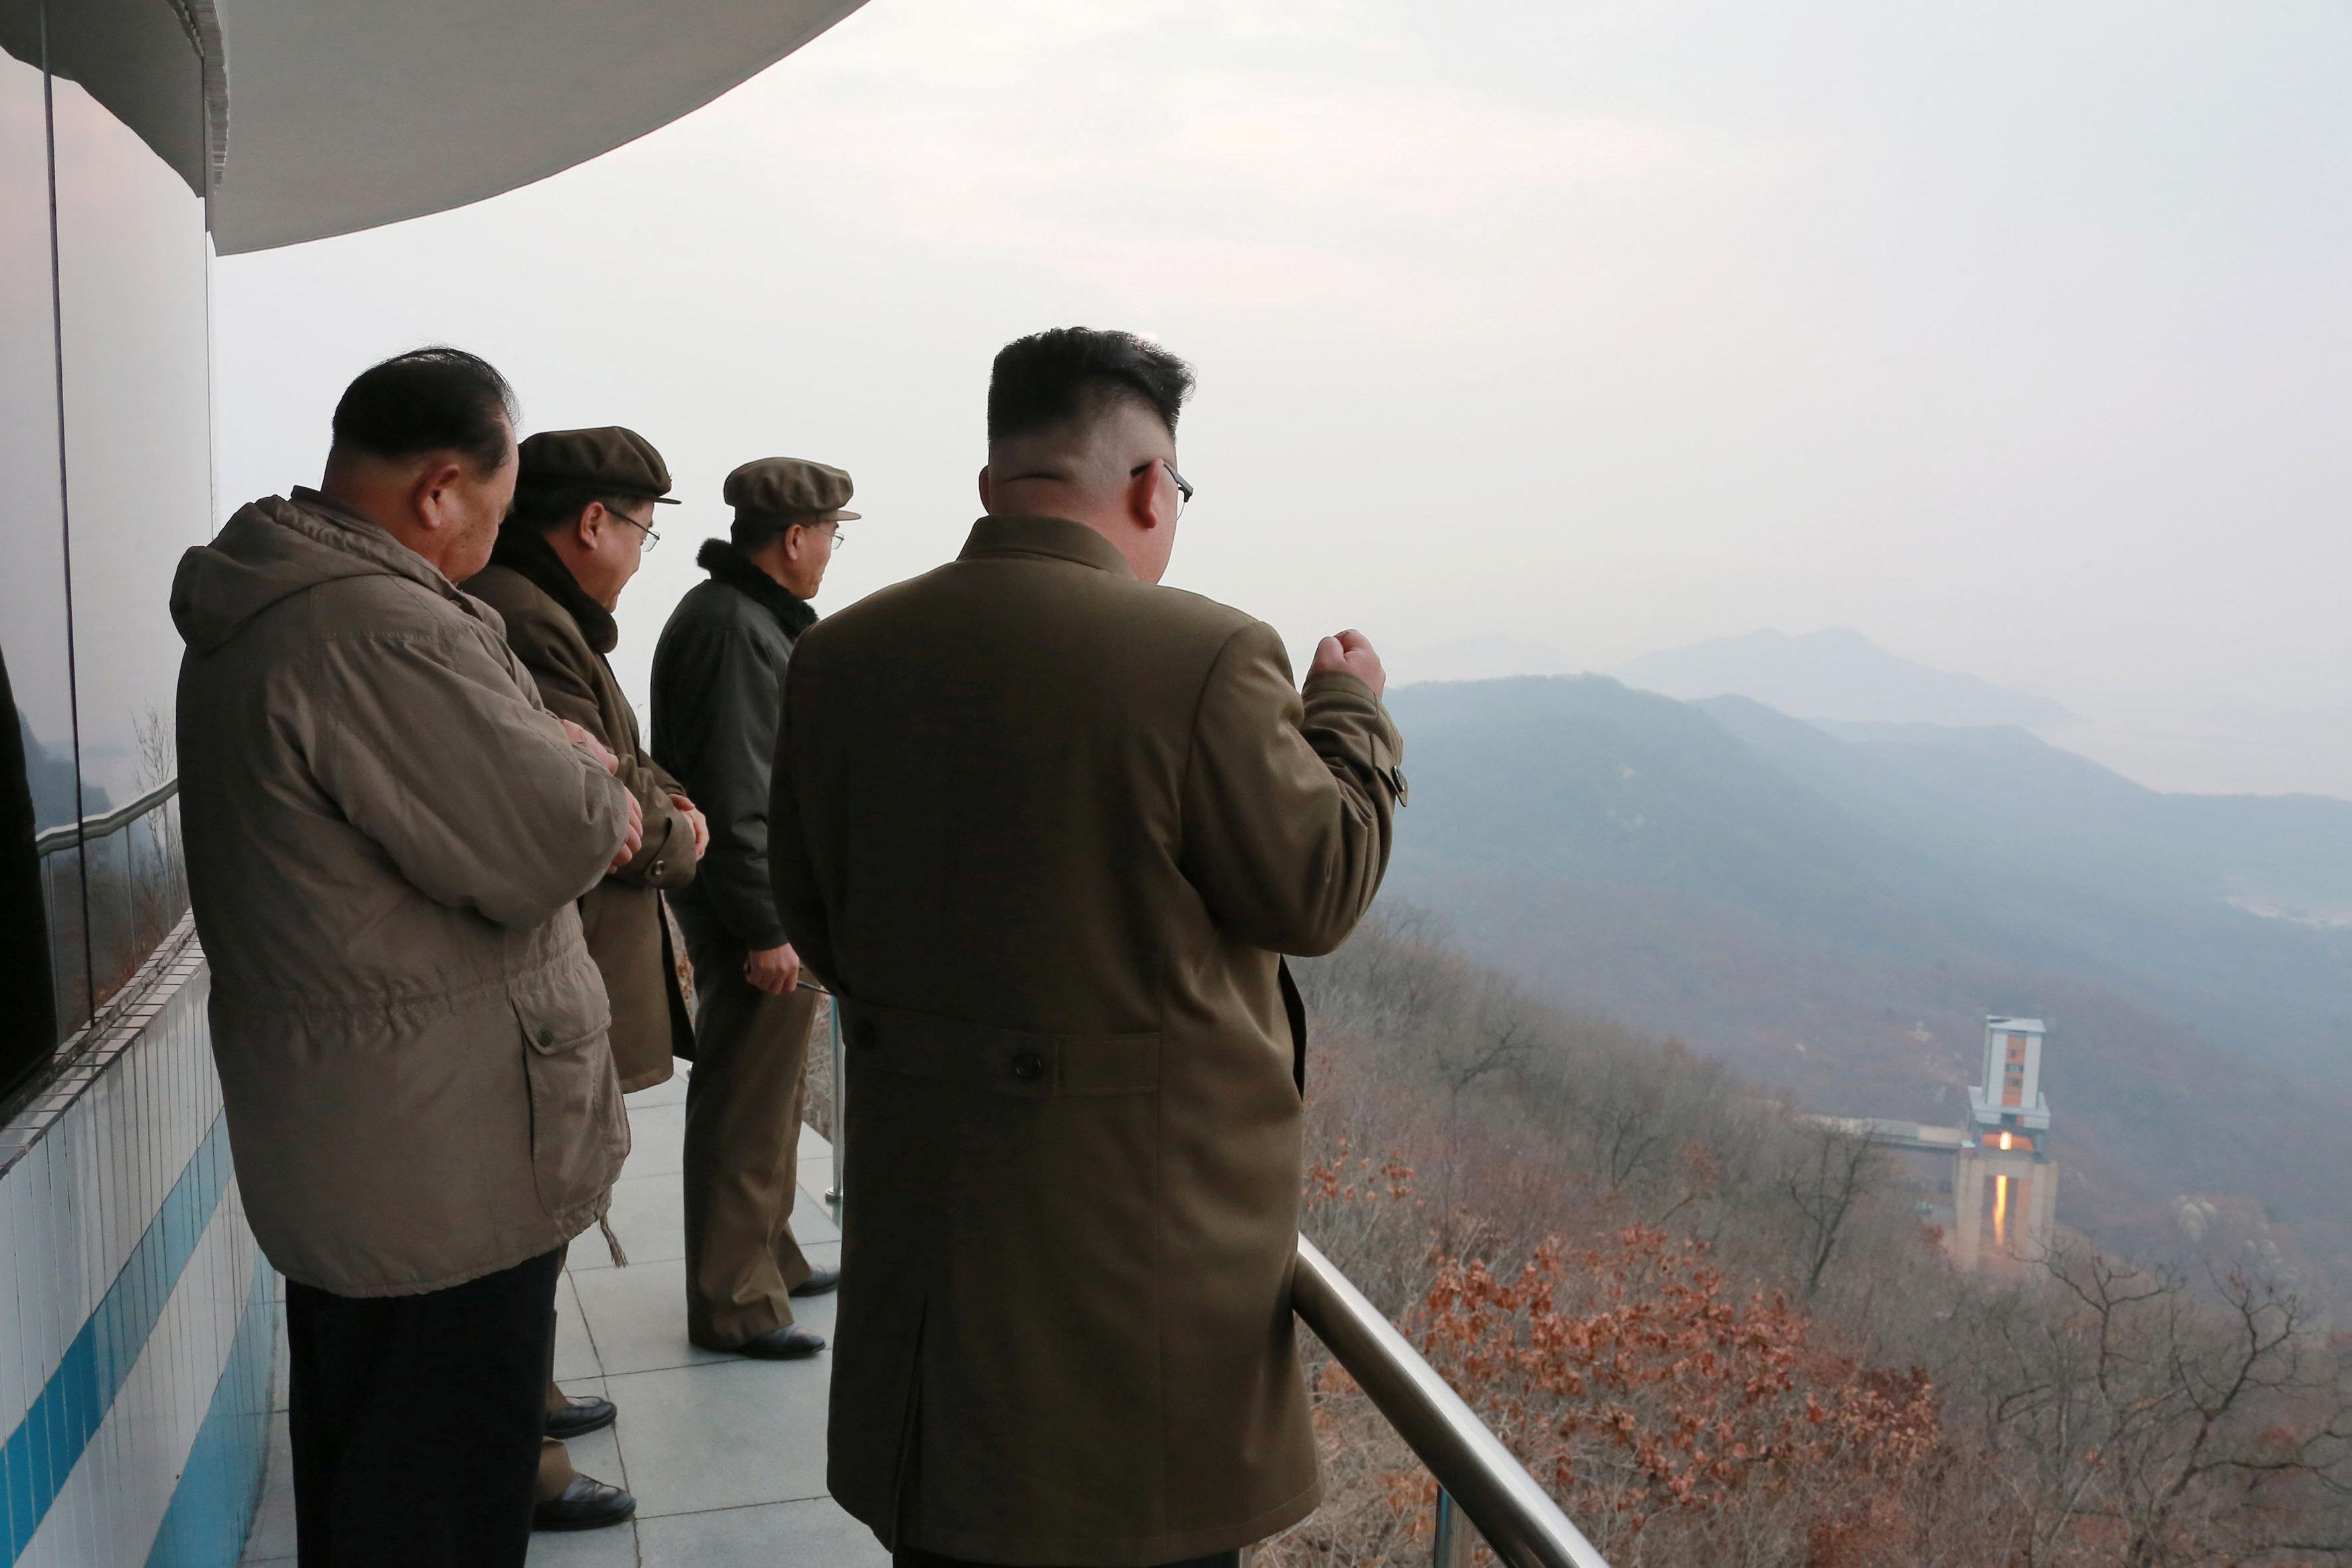 زعيم كوريا الشمالية يشهد تجربة محرك صاروخ جديد ذى كفاءة عالية